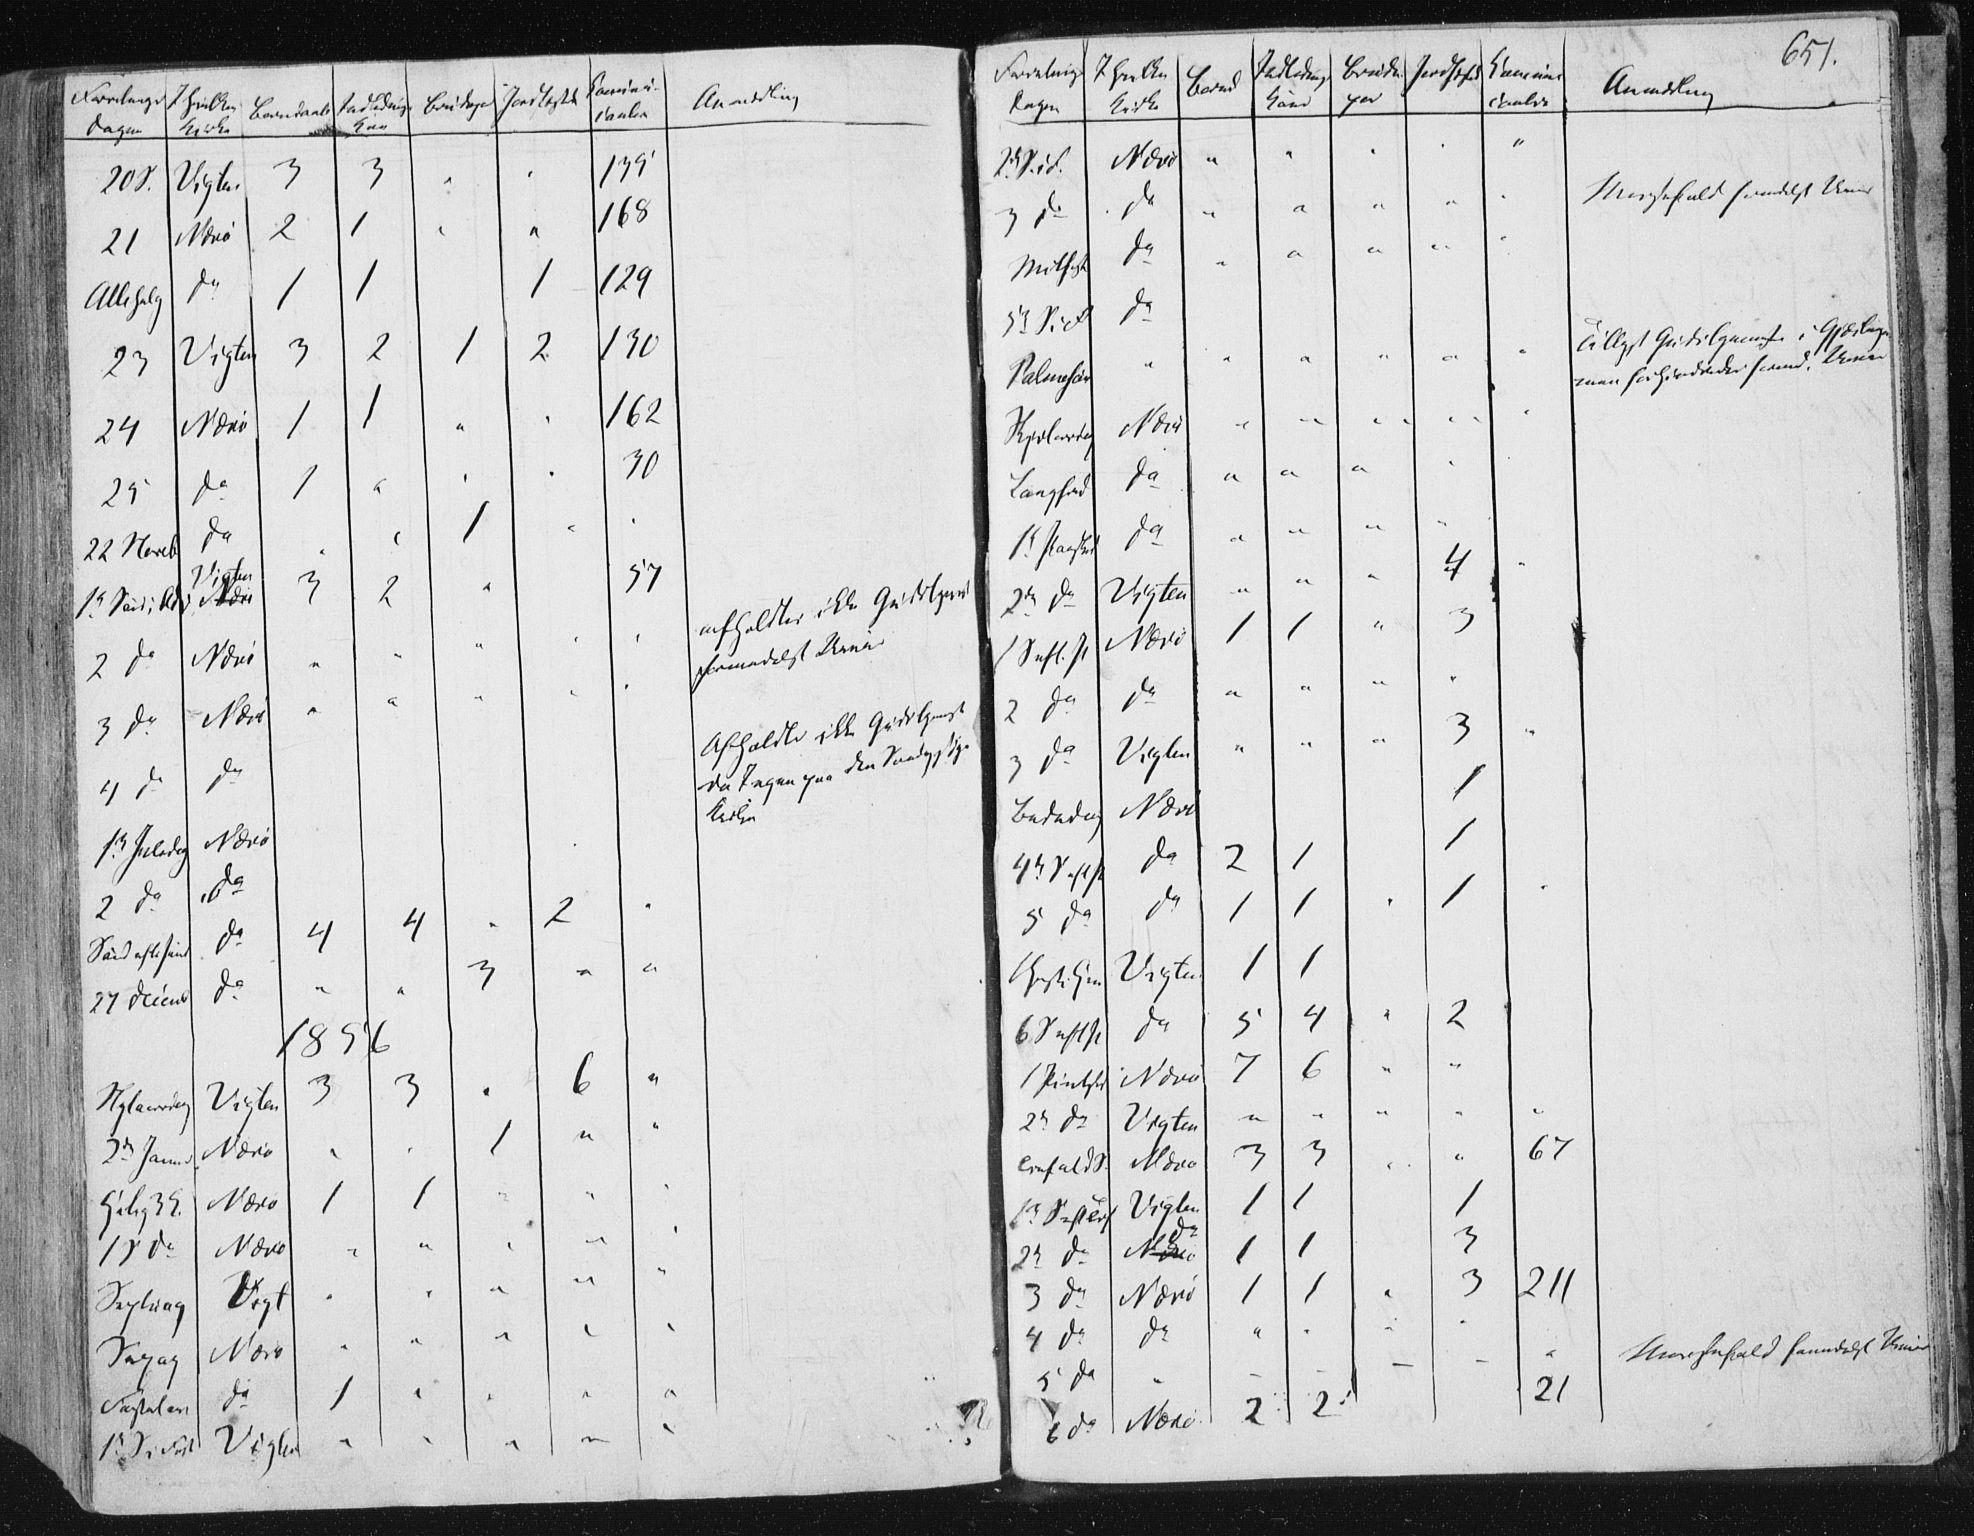 SAT, Ministerialprotokoller, klokkerbøker og fødselsregistre - Nord-Trøndelag, 784/L0669: Ministerialbok nr. 784A04, 1829-1859, s. 651